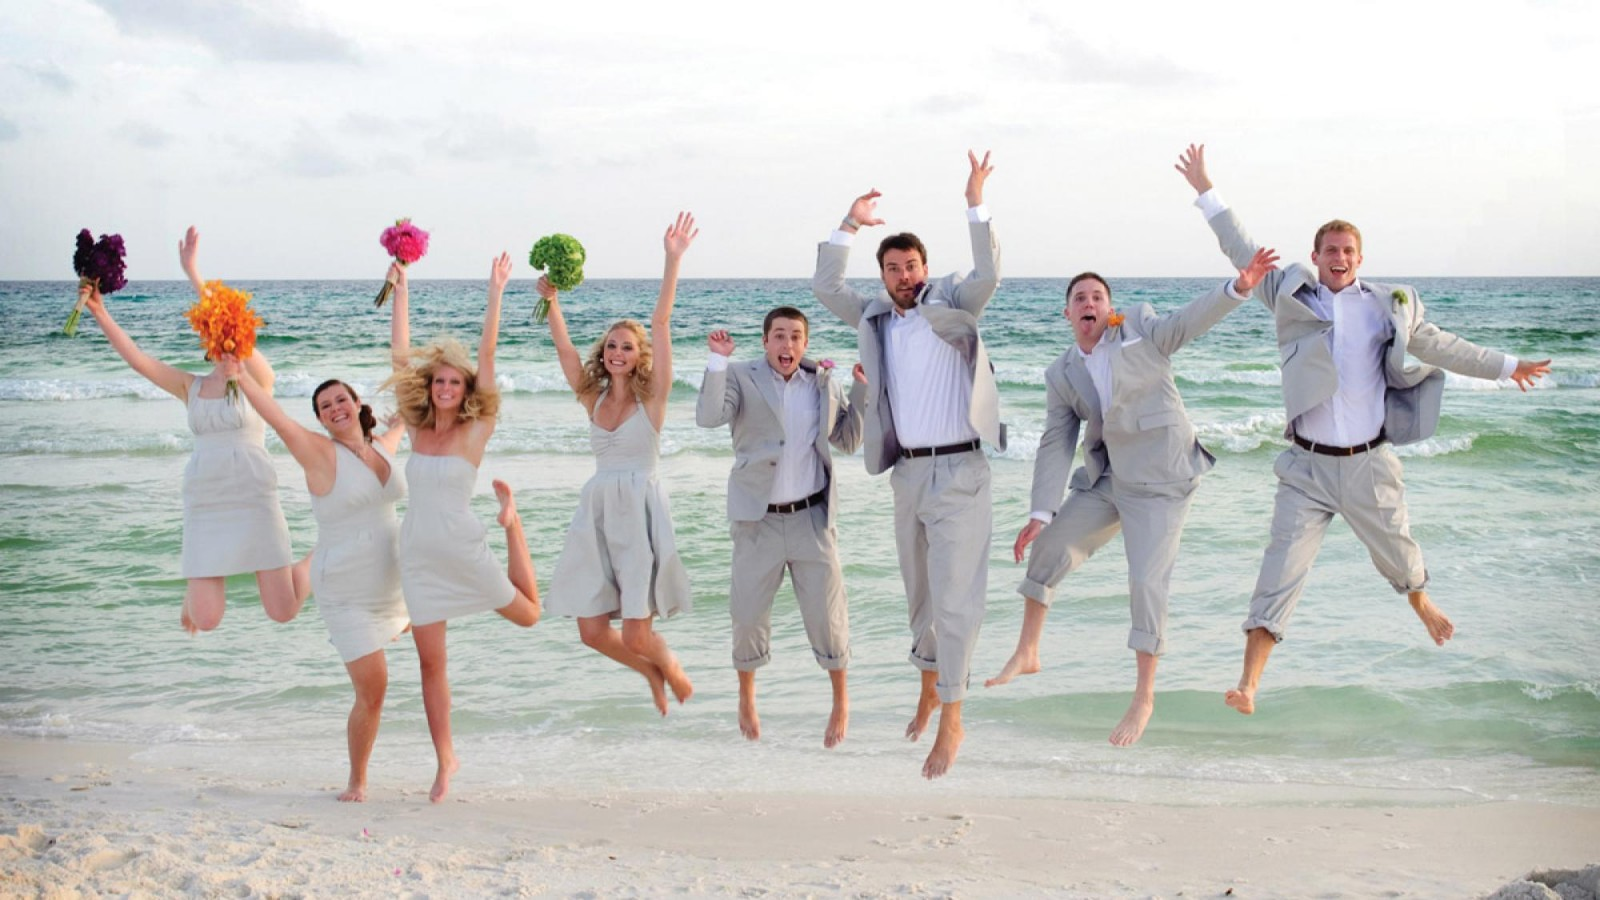 Outfit Matrimonio Spiaggia Uomo : Matrimonio a tema in spiaggia